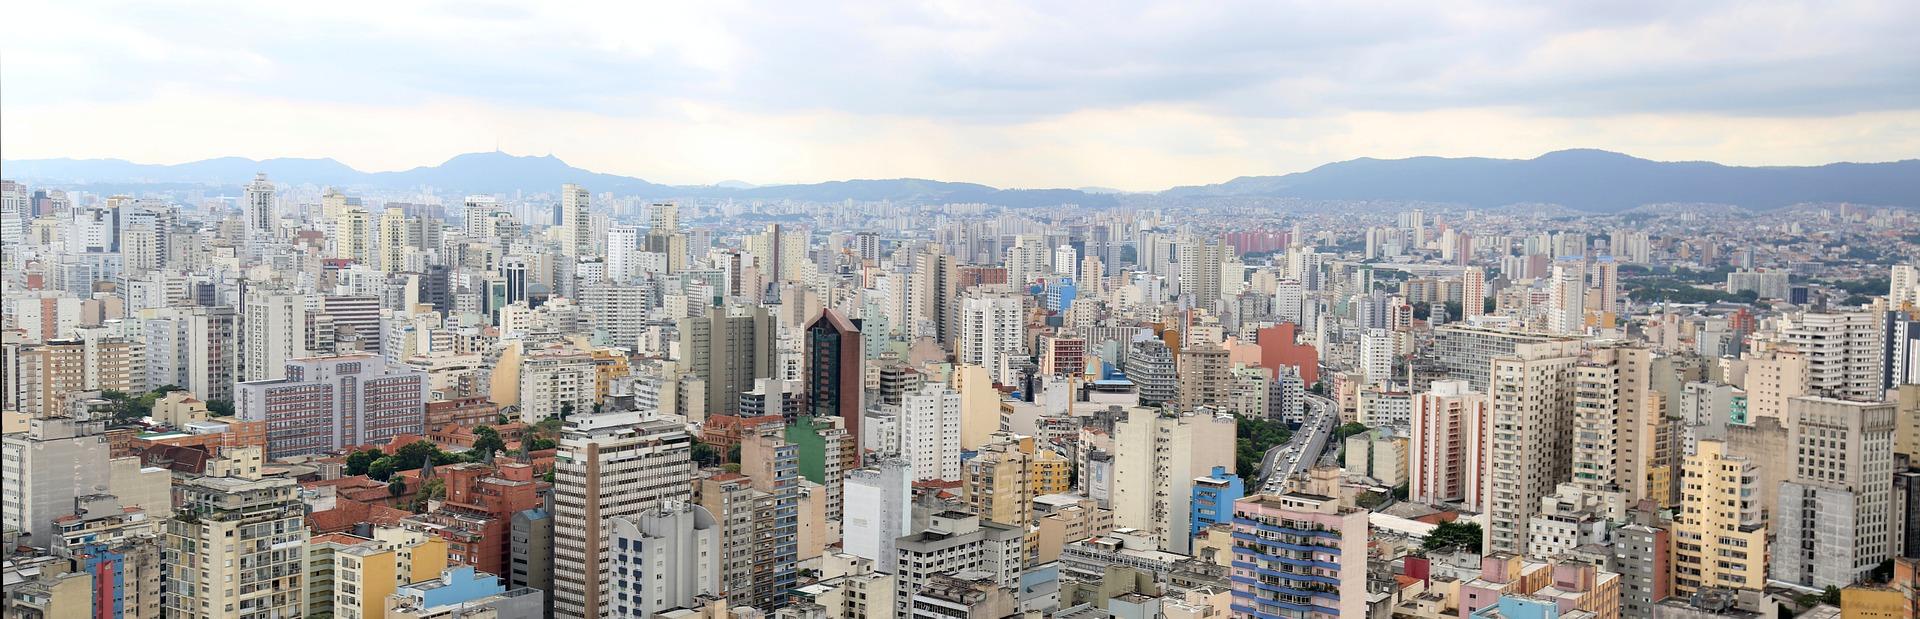 El mundo analiza los problemas y retos de la vida en las ciudades